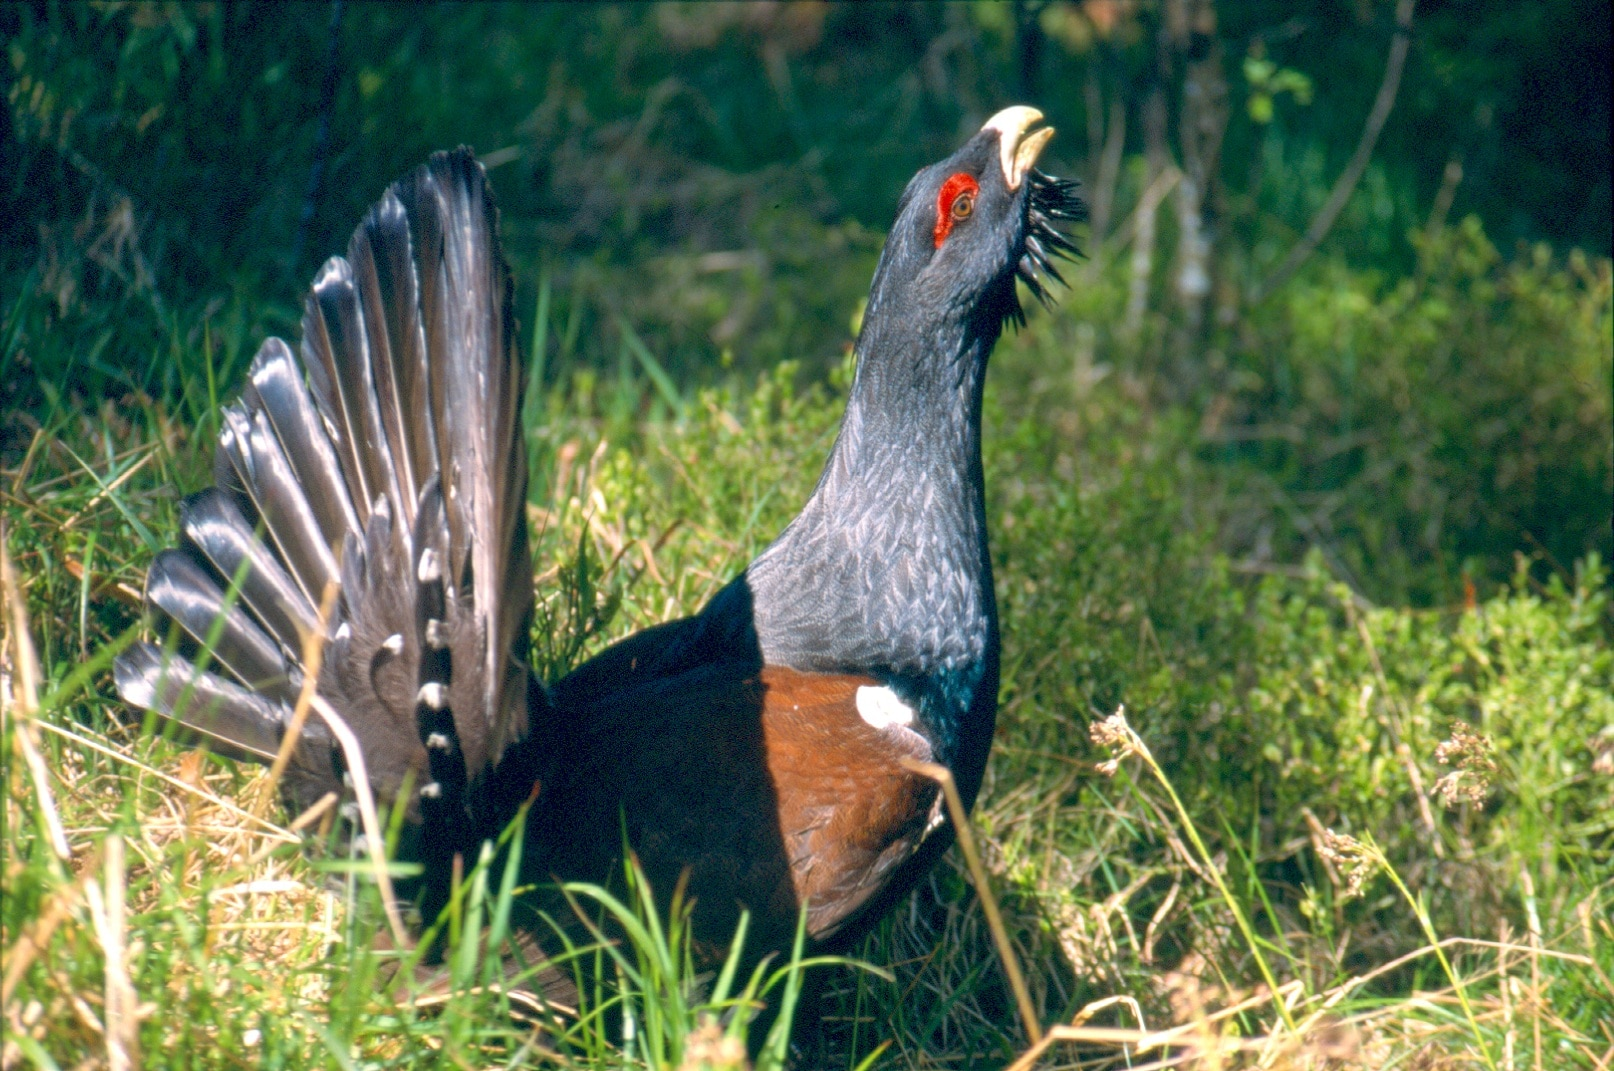 Erholungssuchende dringen in Schutzzonen seltener Tiere im Biosphärengebiet Schwarzwald vor